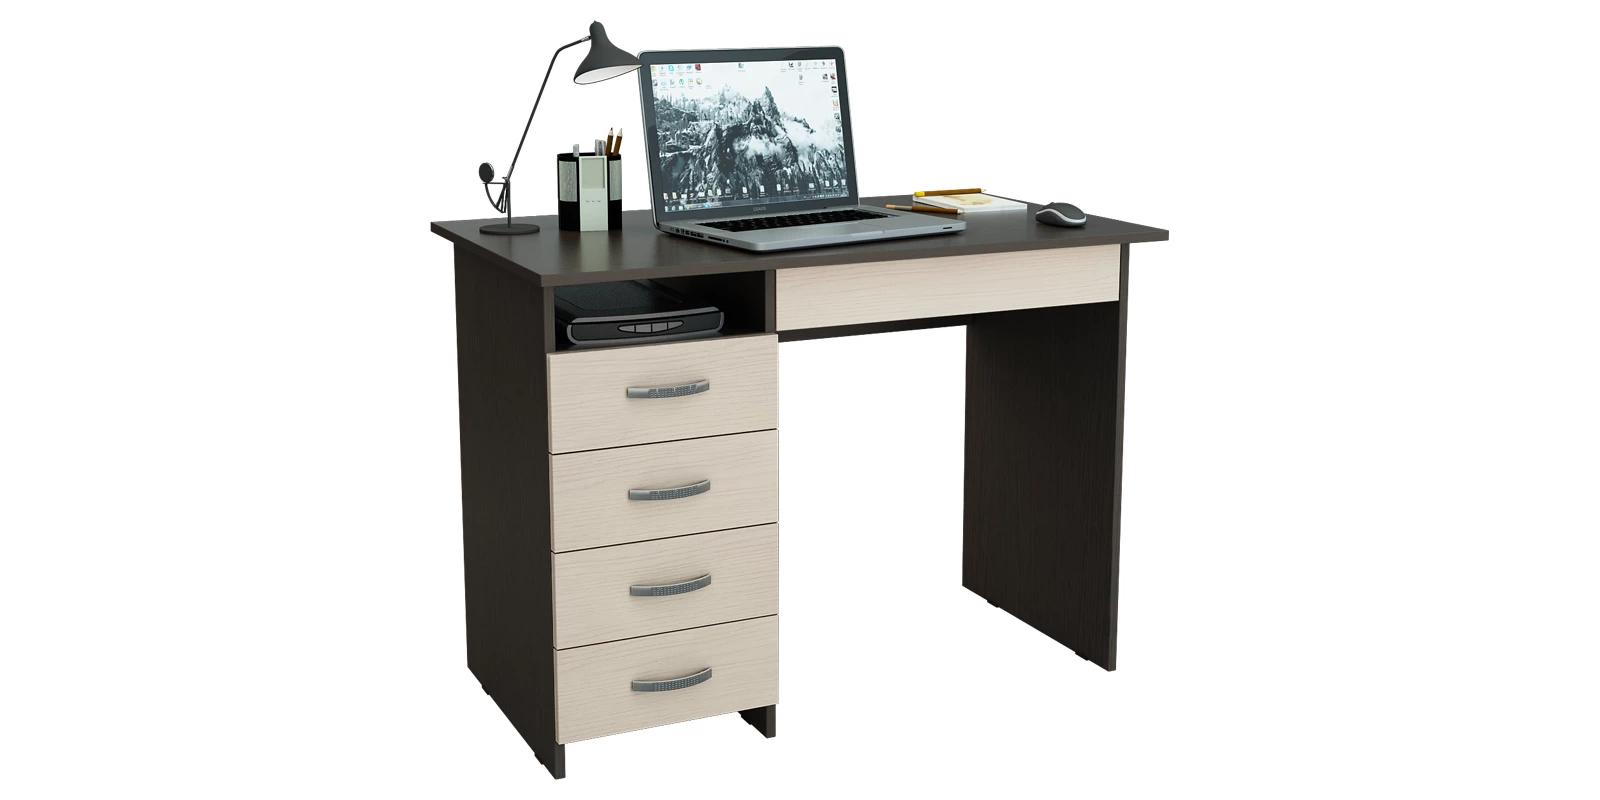 Письменный стол Харви вариант №1 (венге/дуб молочный)